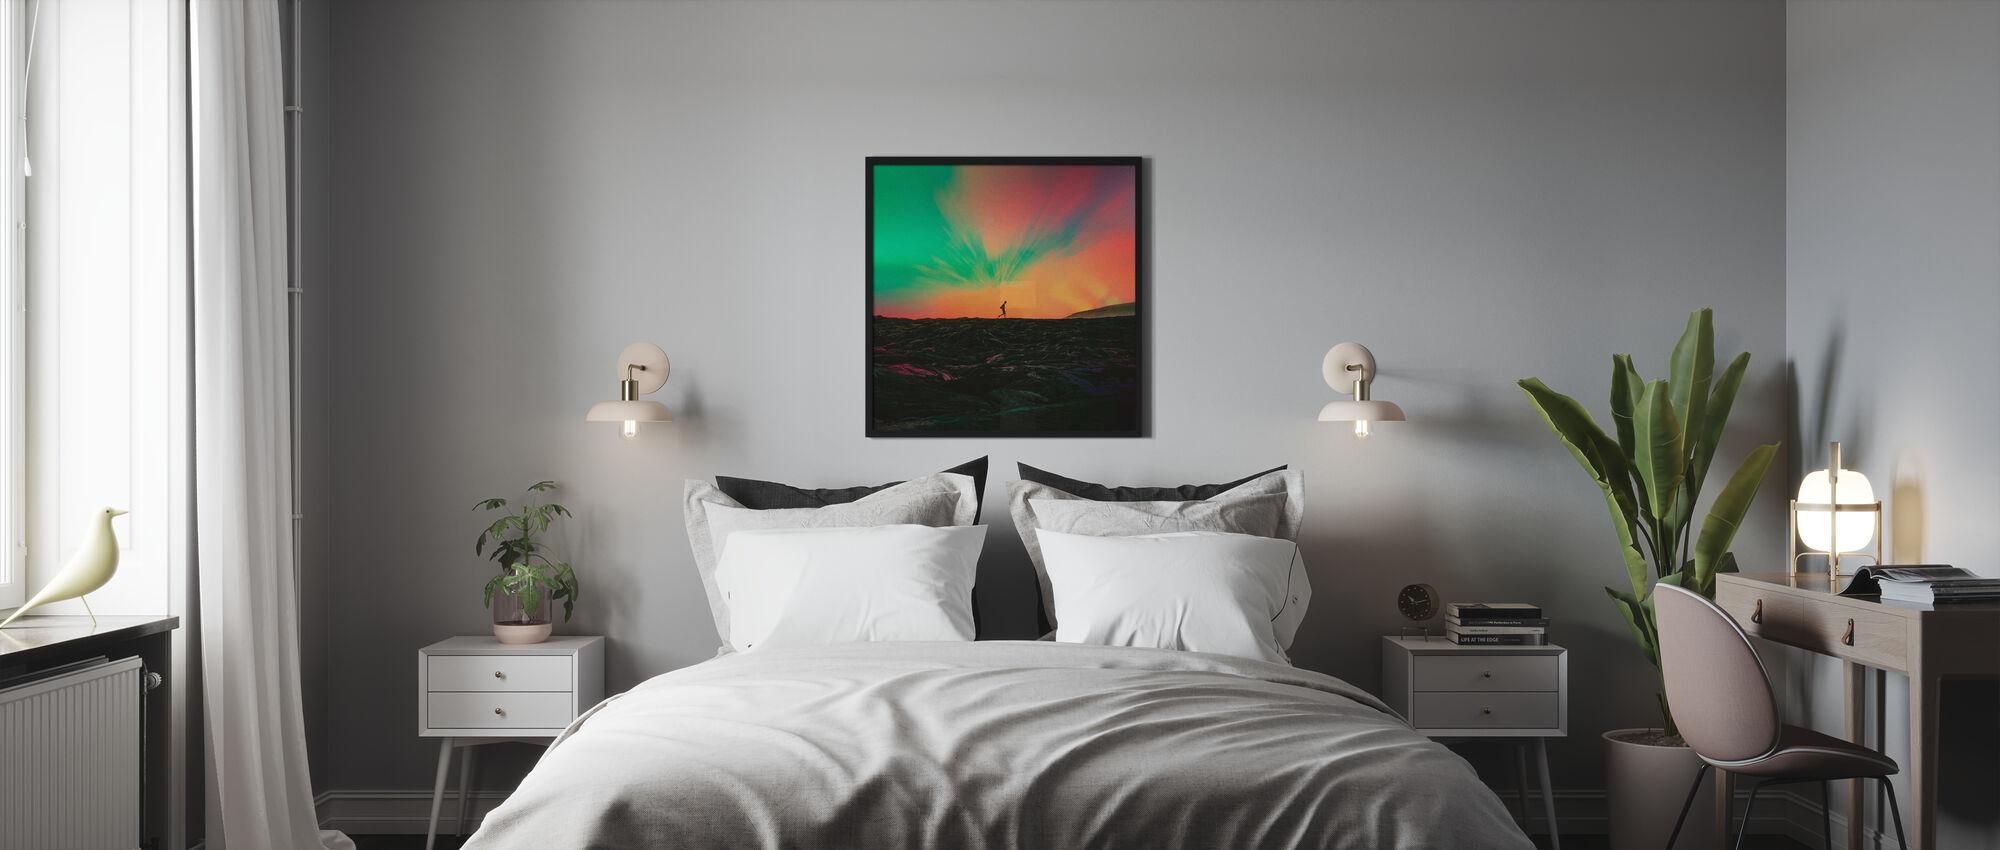 Viandante - Stampa incorniciata - Camera da letto